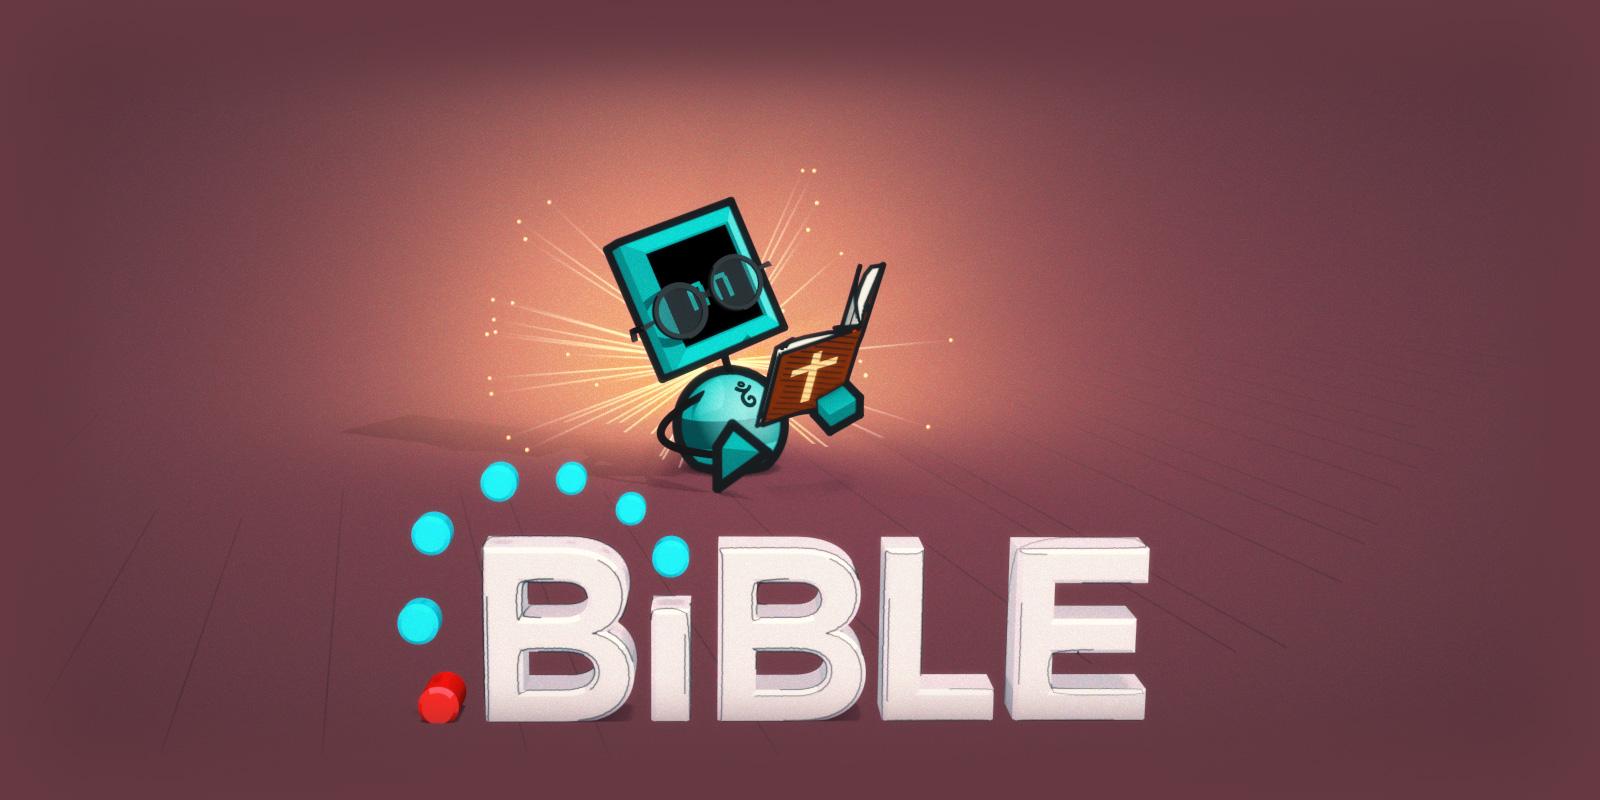 Les domaines en .BIBLE sont à -50%